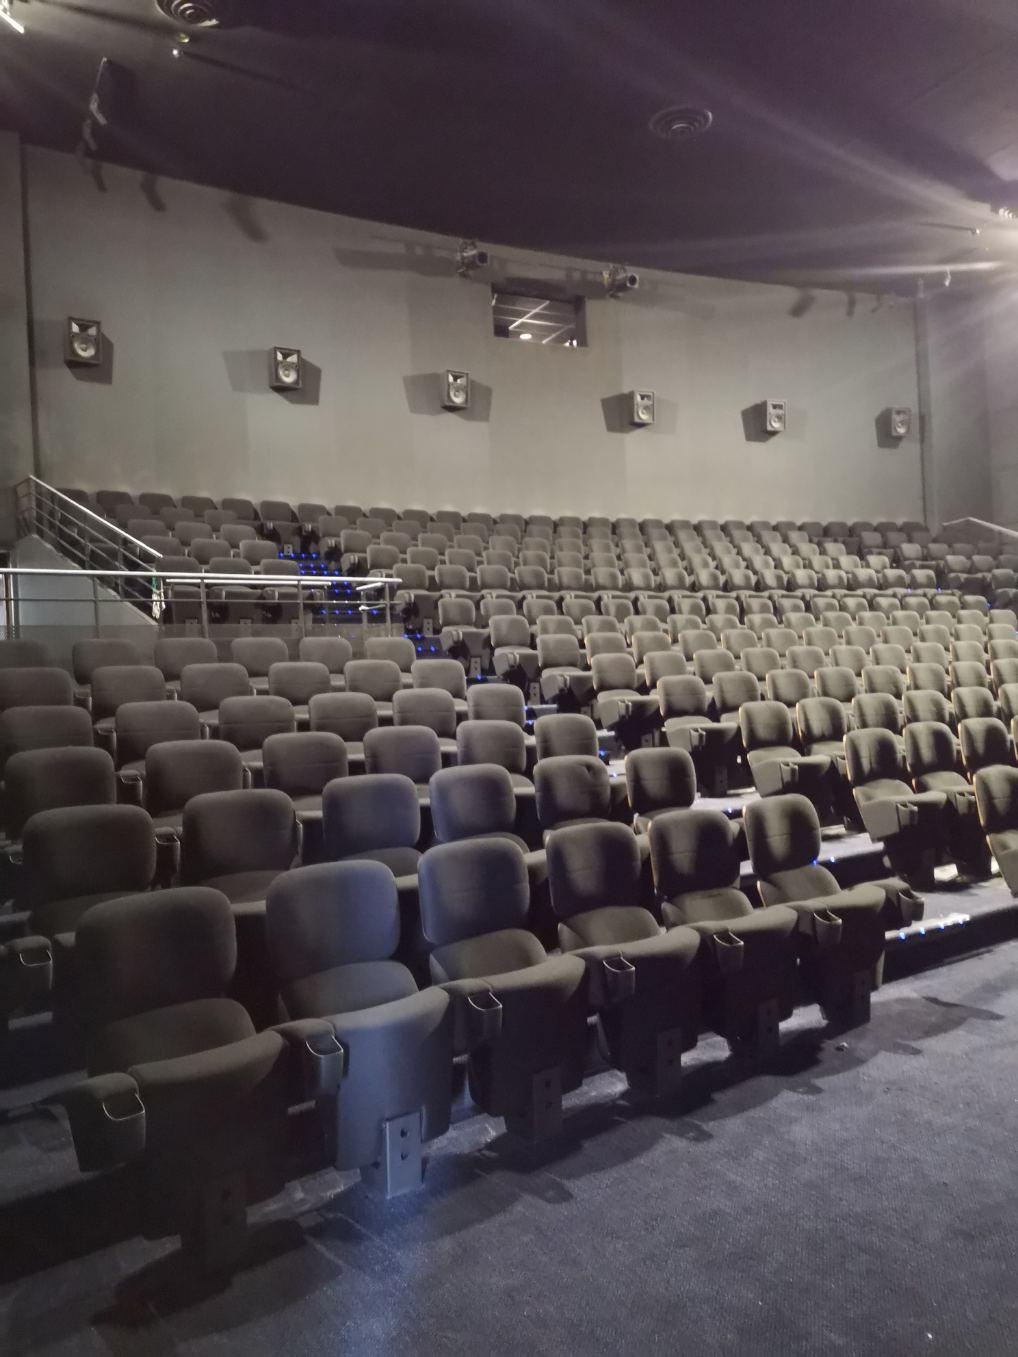 Kleslo - fauteuil relevable- Leader de fabrication de fauteuils cinéma, théâtre ... cinéma UGC rosny